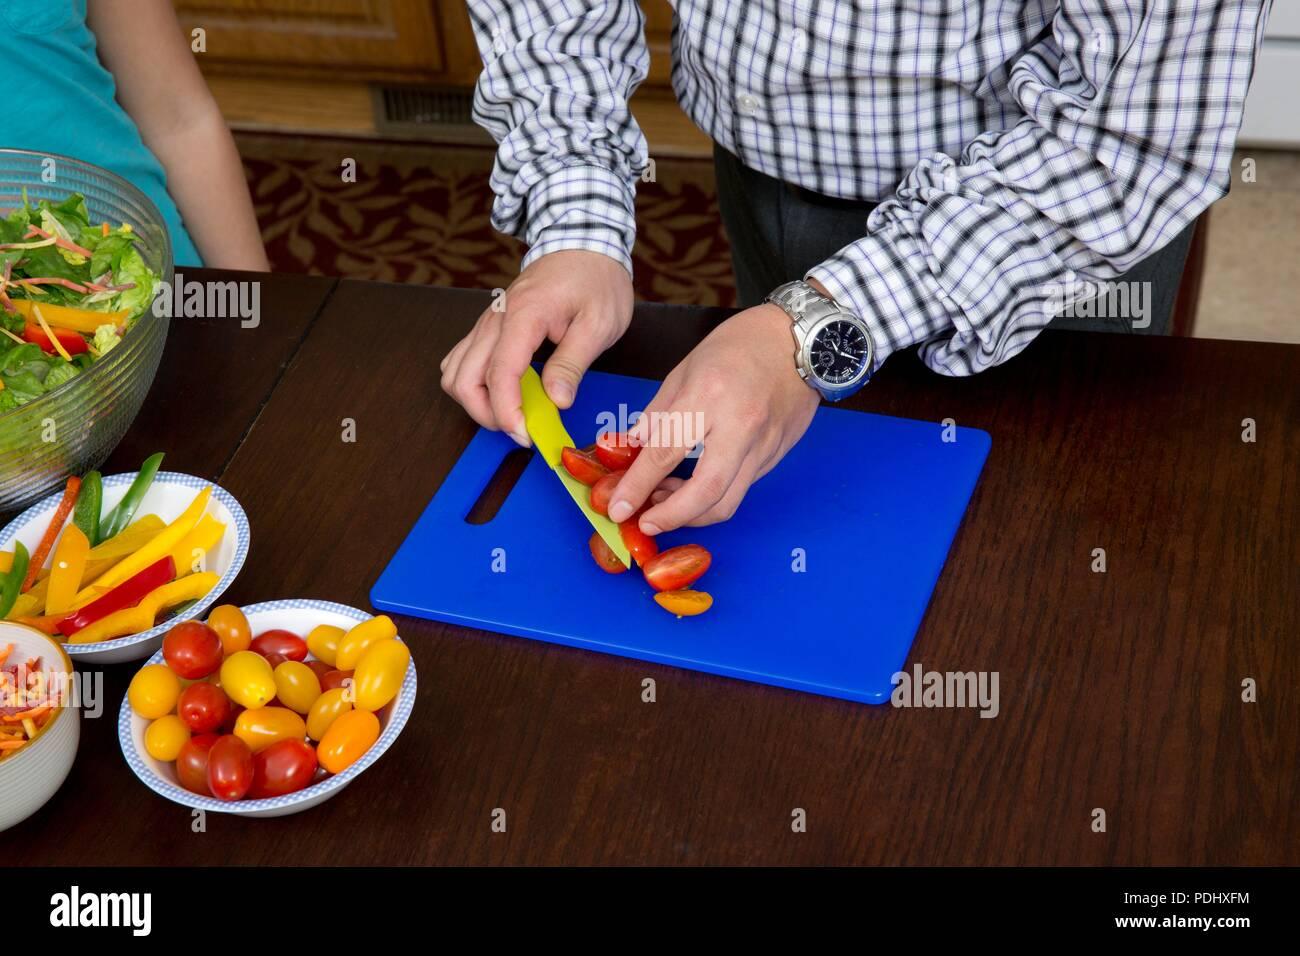 L uomo per affettare i pomodori con un bel su un taglio blu scheda in una cucina domestica Immagini Stock